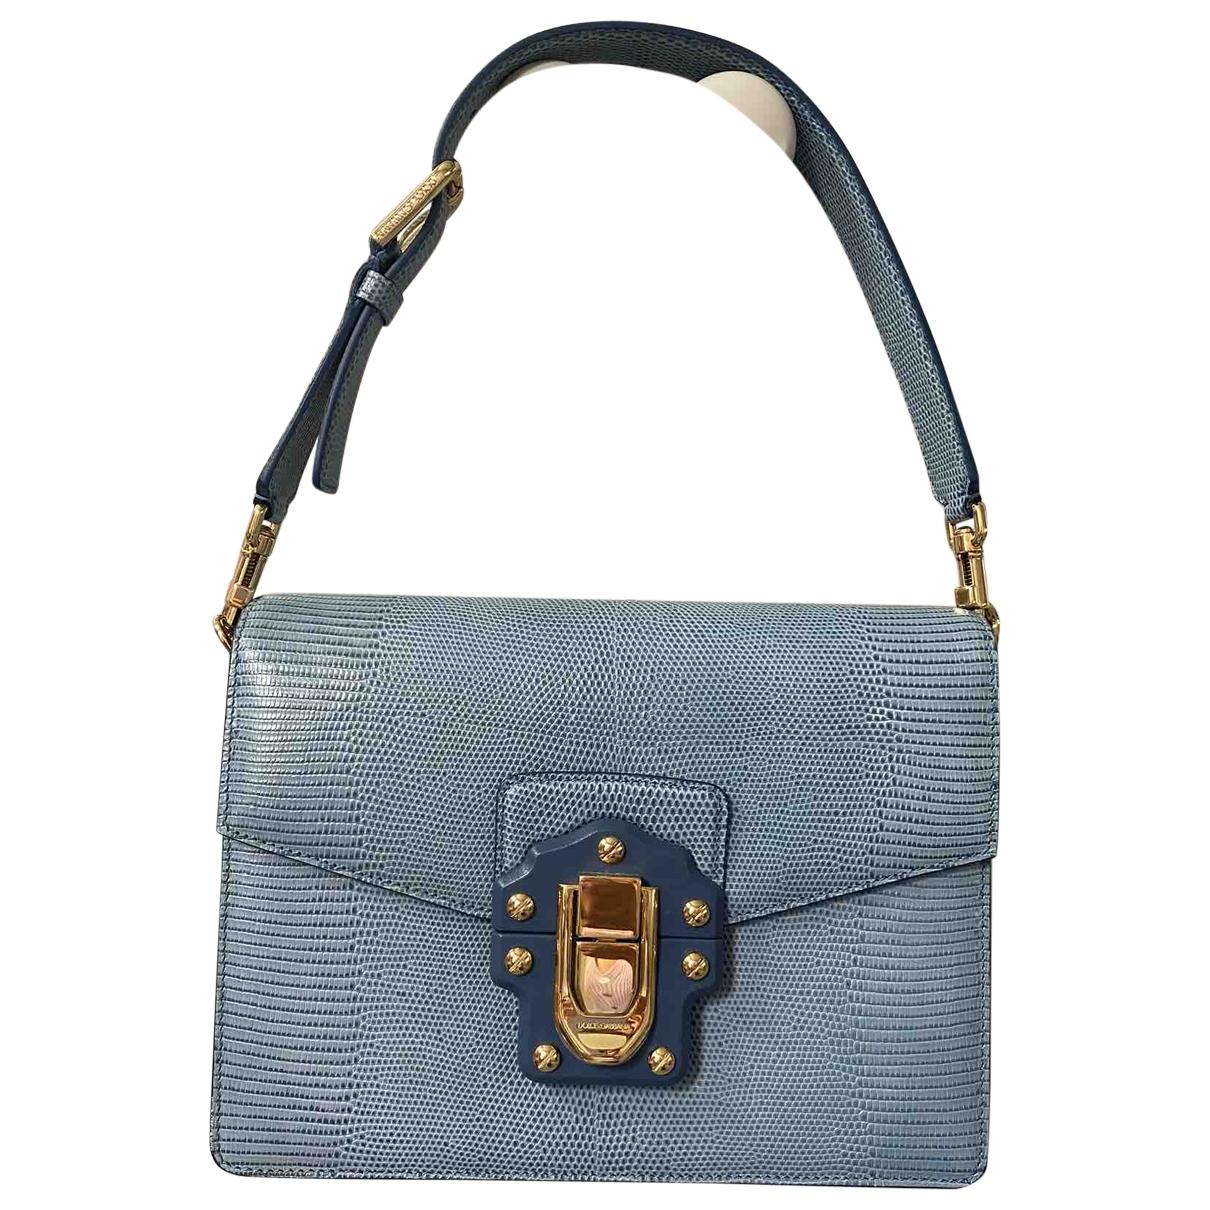 Dolce & Gabbana - Sac a main Lucia pour femme en lezard - bleu